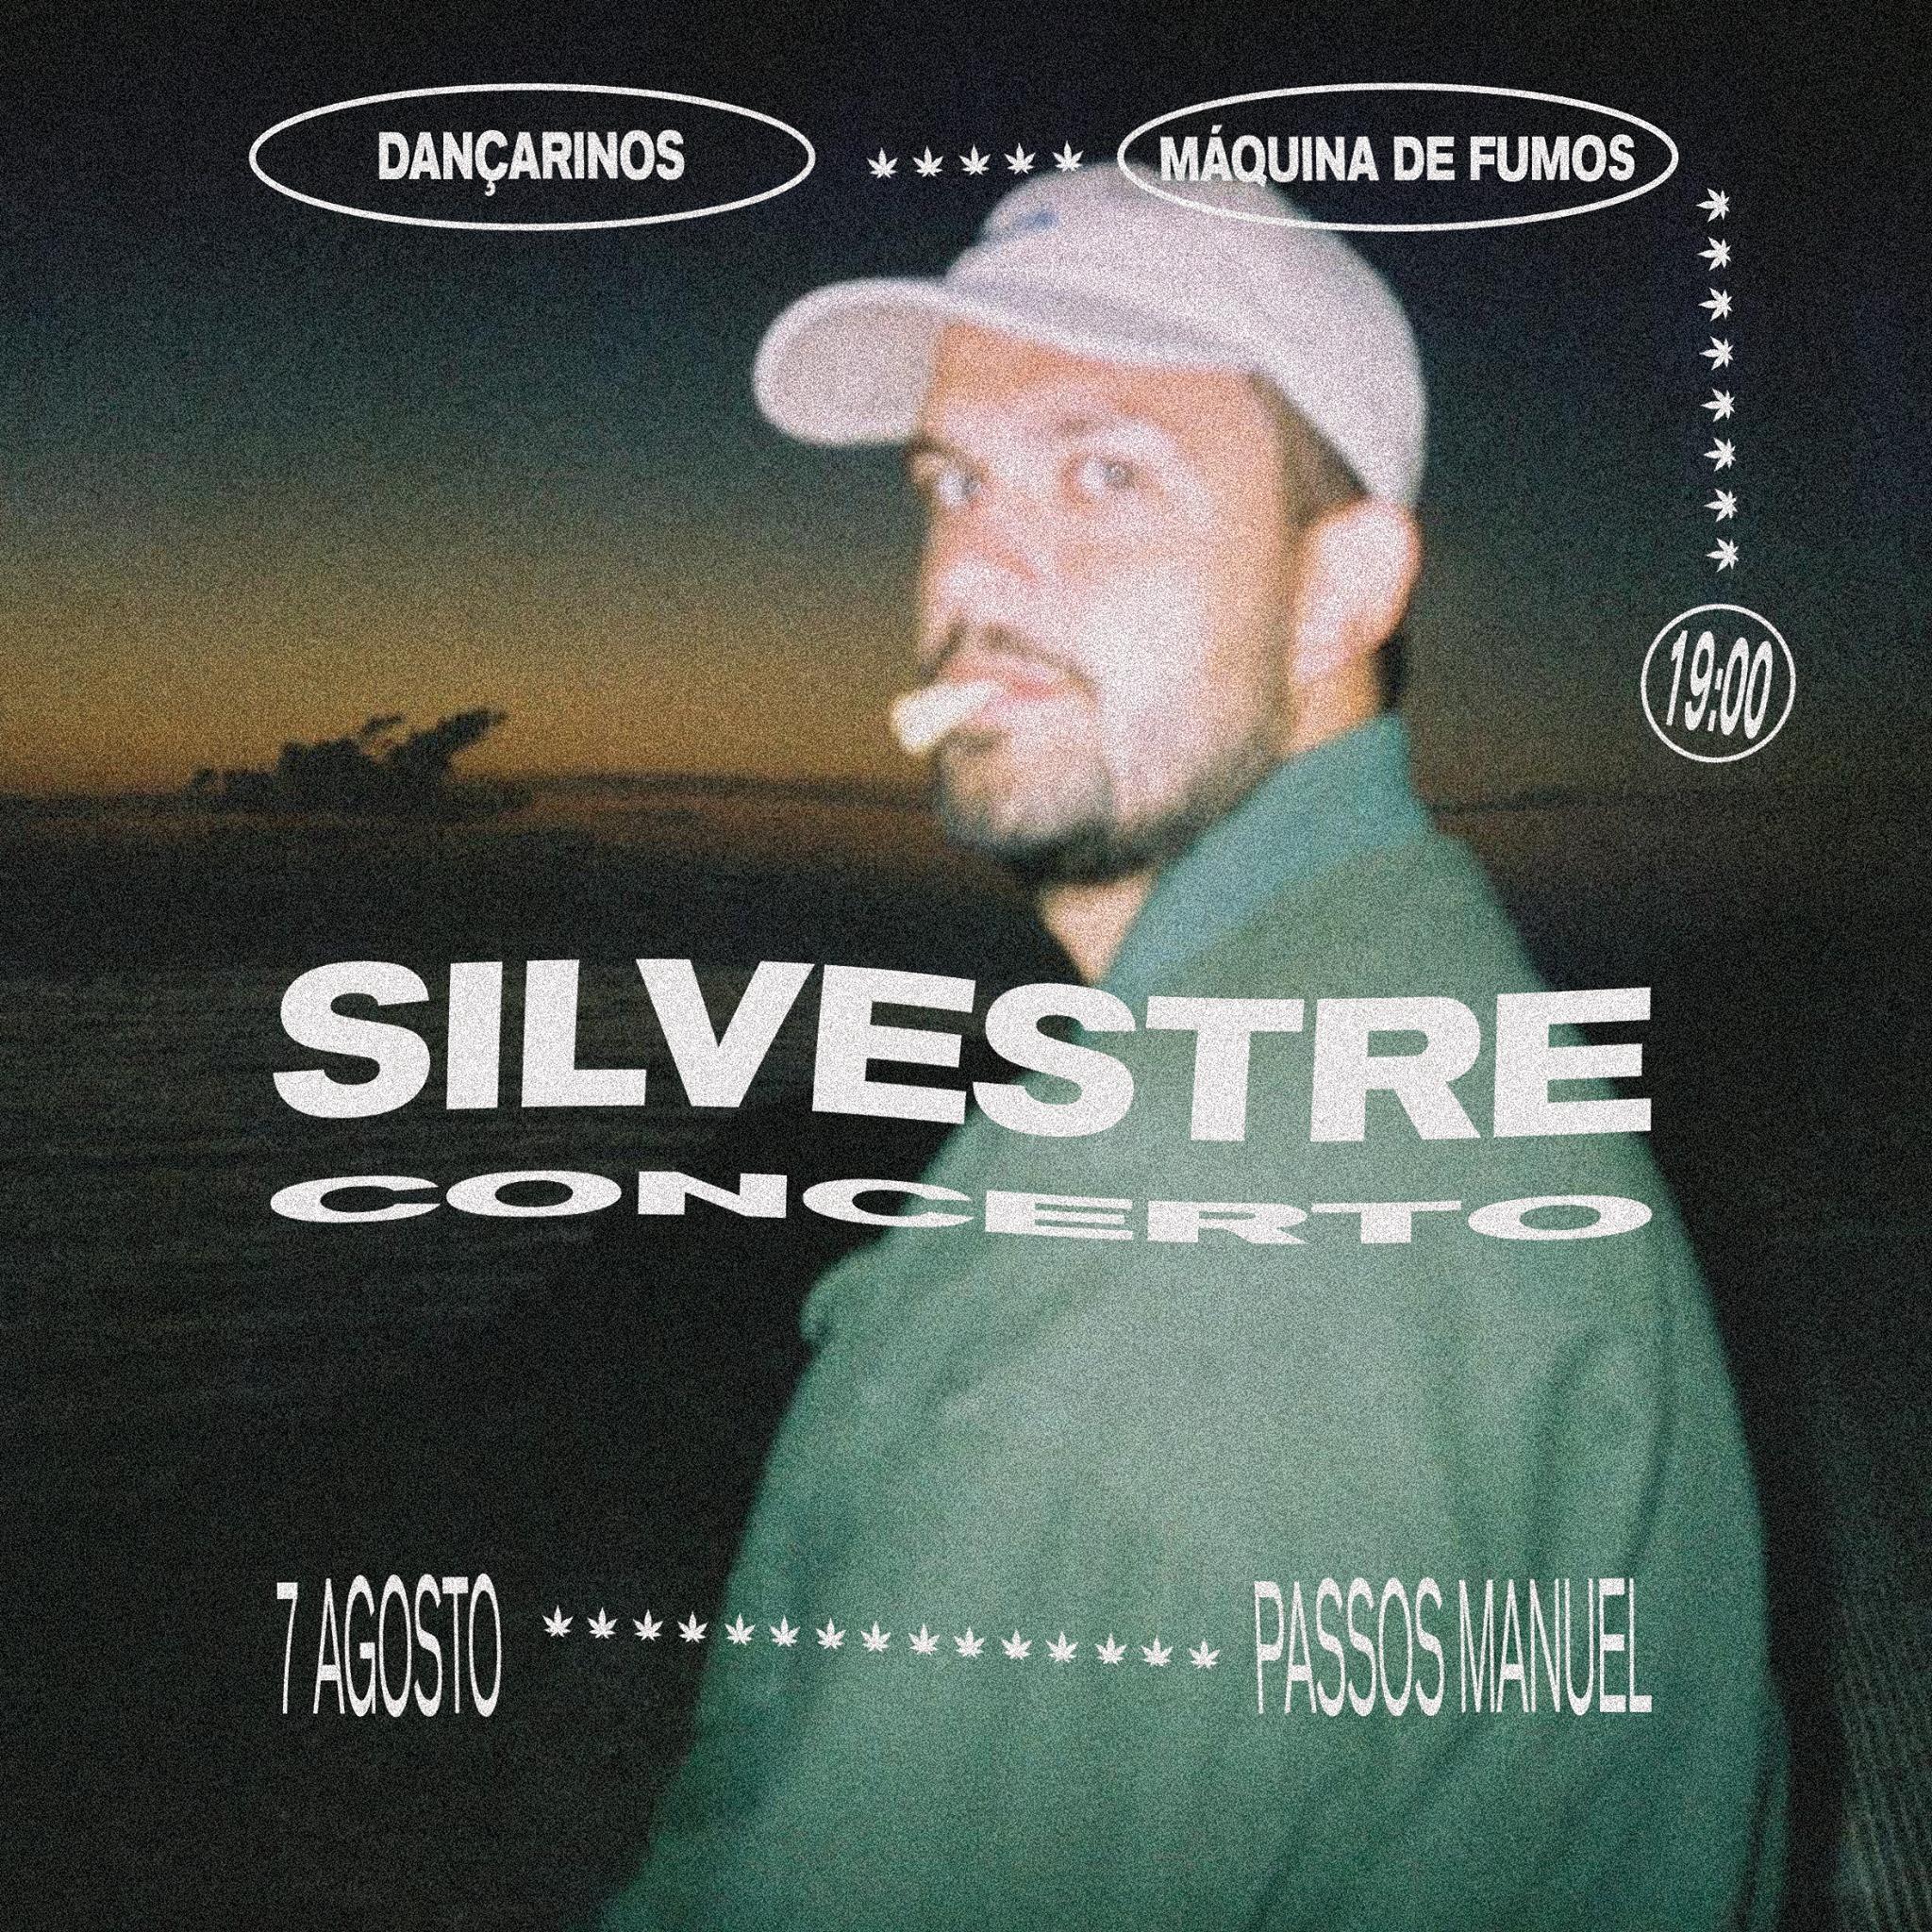 Silvestre (live)